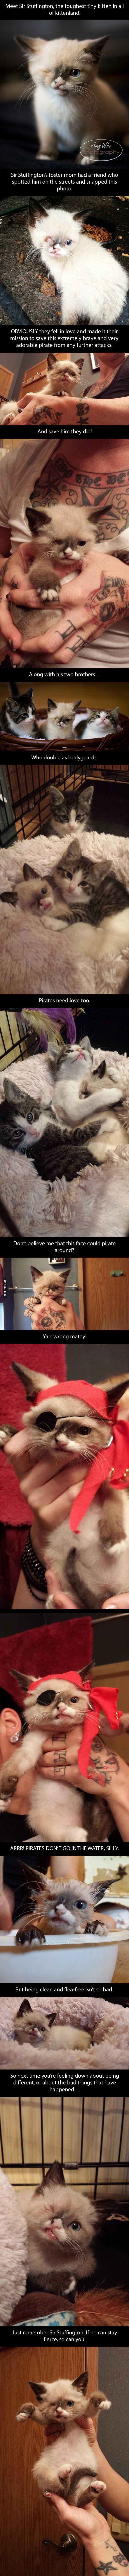 Sir Stuffington the pirate kitten.  LOVE!!! <3